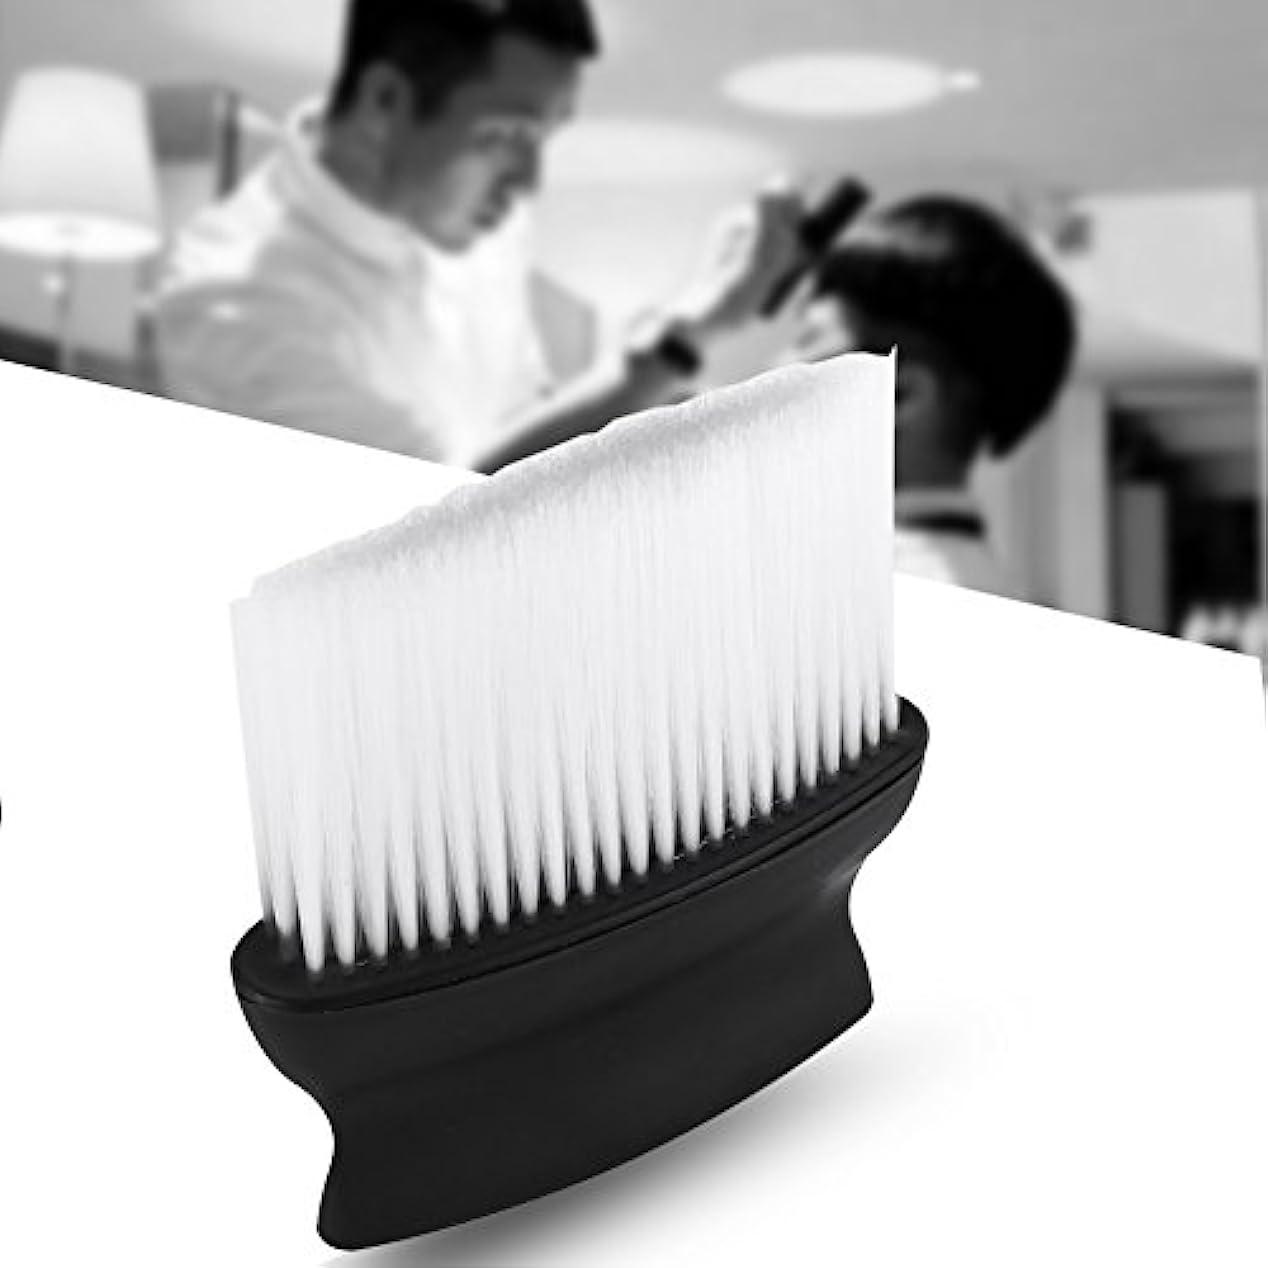 逆さまになめらか先サロンブラシ 髪ブラシ 髪掃除 シェービングブラシ 理髪店 バッガーヘア シェービングブラシ 理髪師ヘアスタイリングスタイリストサロン